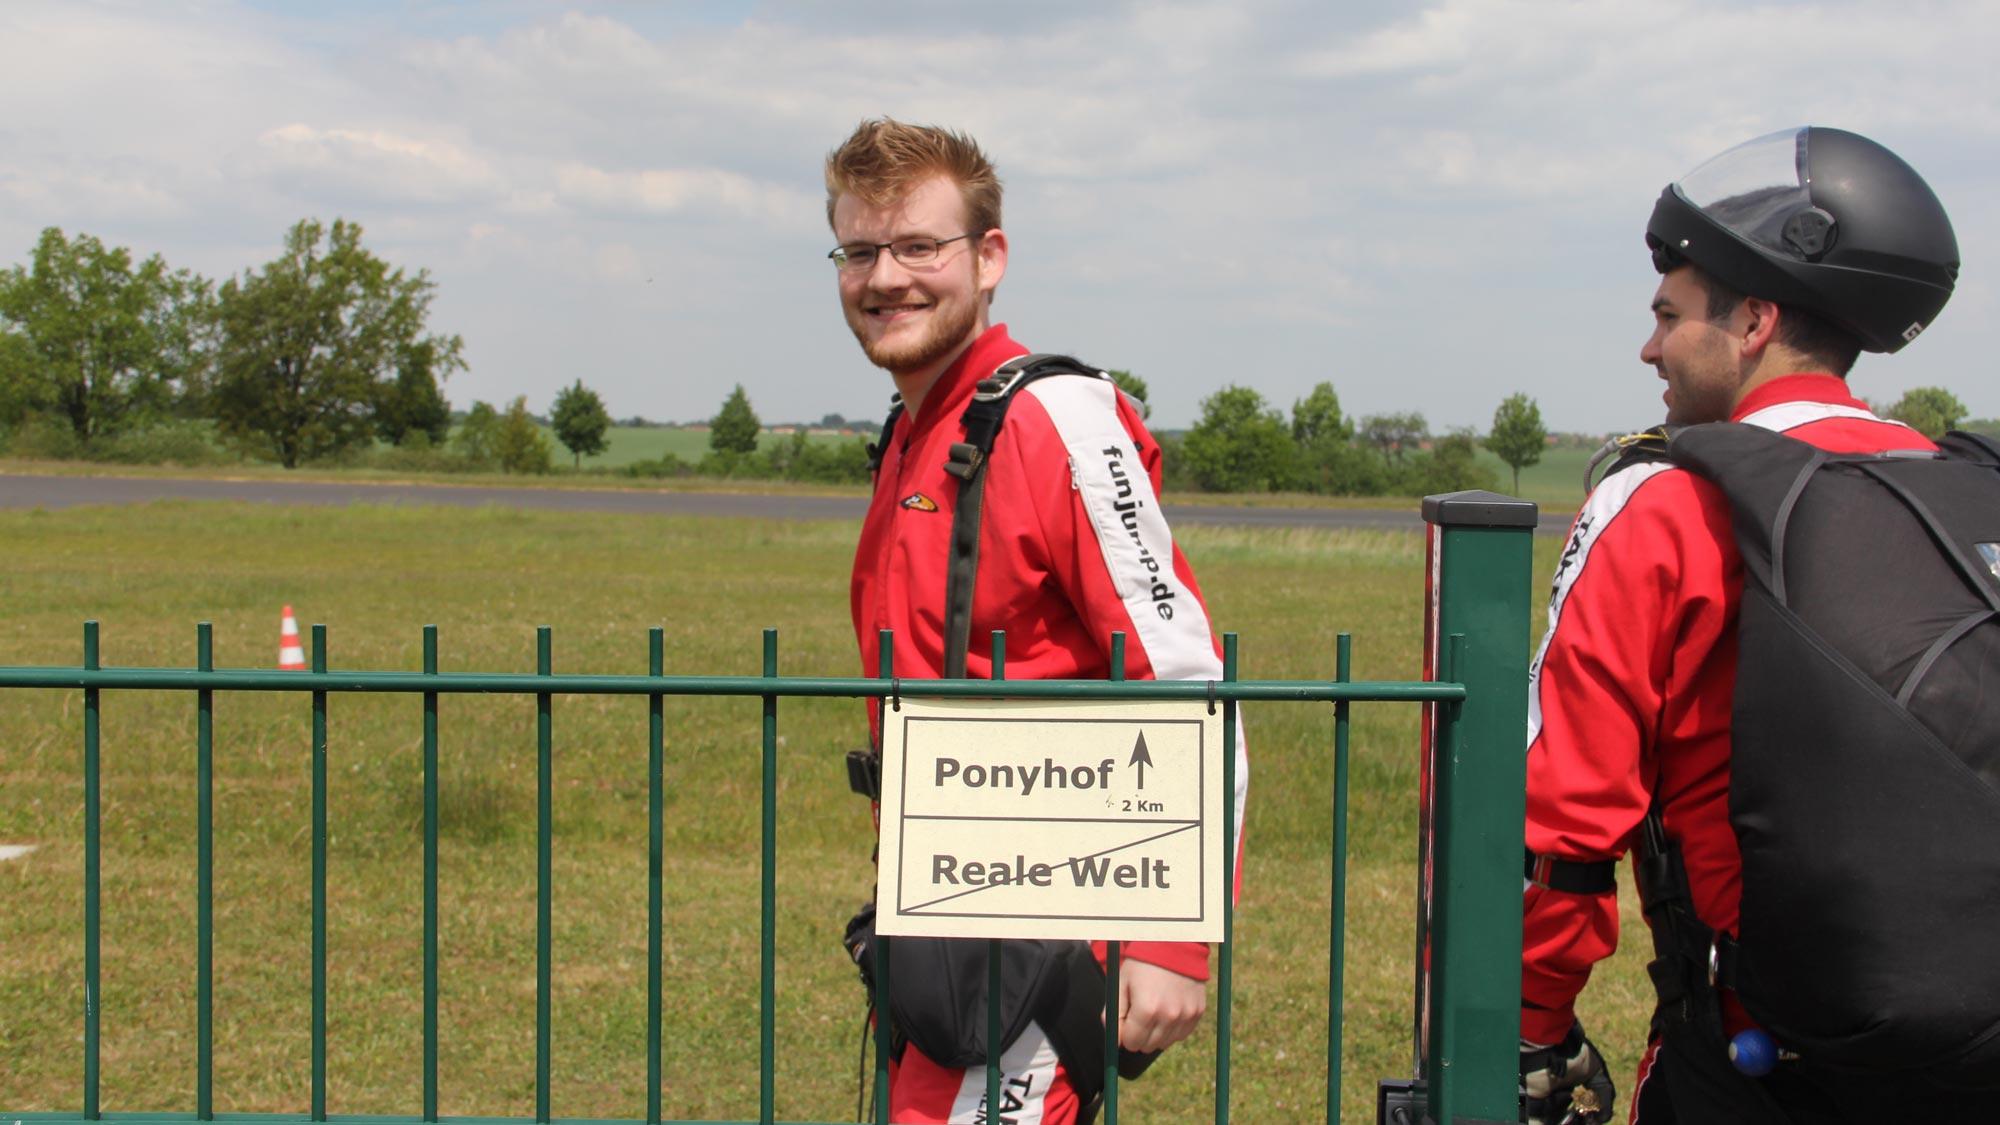 """Team Event Berlin: Tandemspringer auf dem Weg zum Flugzeug, raus aus der """"realen"""" Welt"""